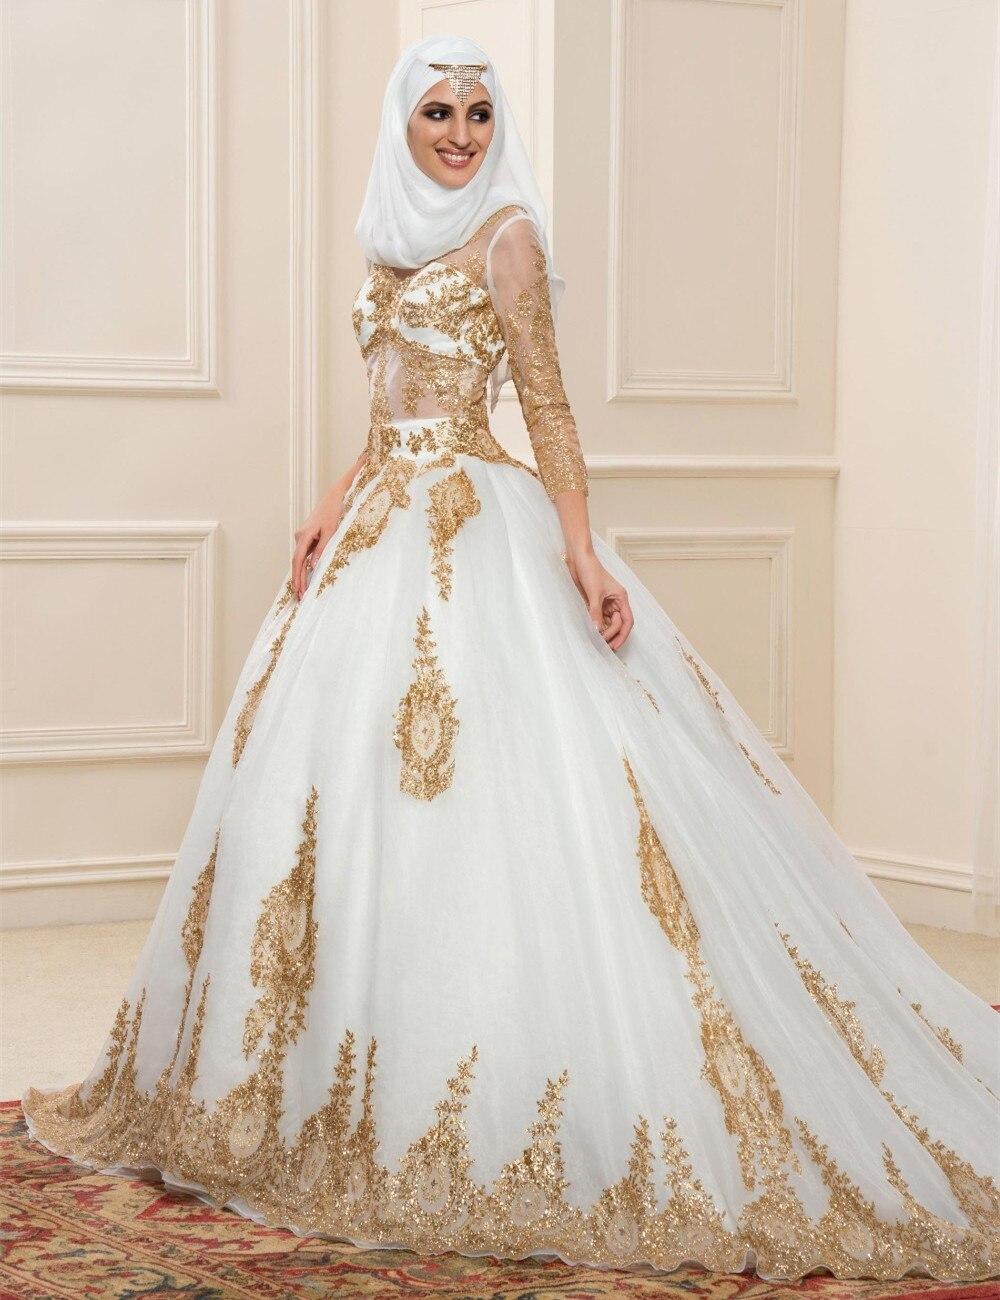 Robe de mariage religieux musulman for Robes hautes pour les mariages